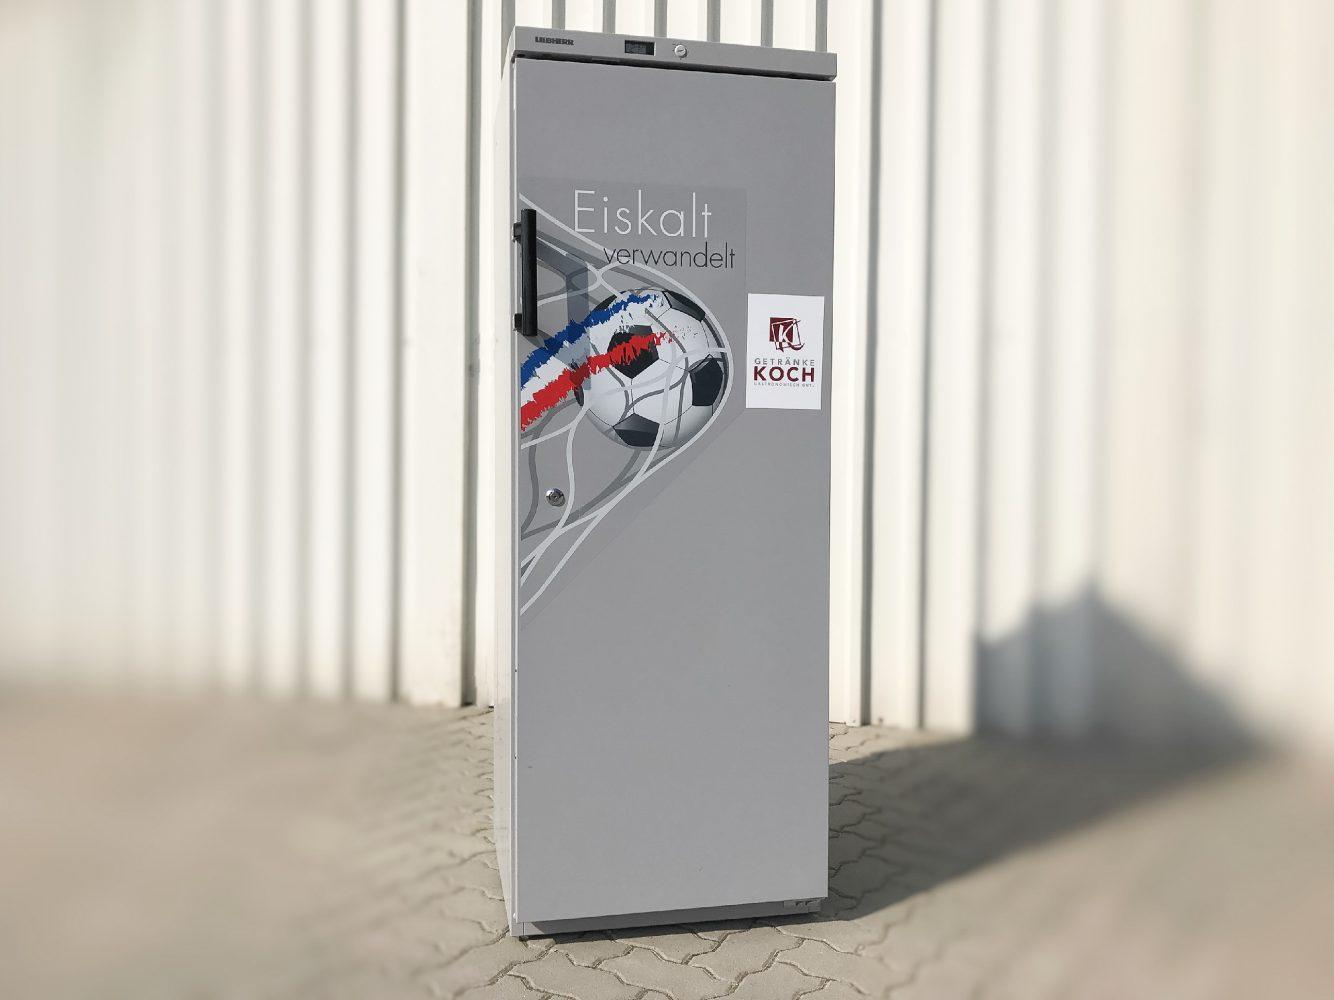 Kleiner Kühlschrank Für Getränke : Kühlschrank für getränke schubladen minibar dm 50 mini kühlschrank